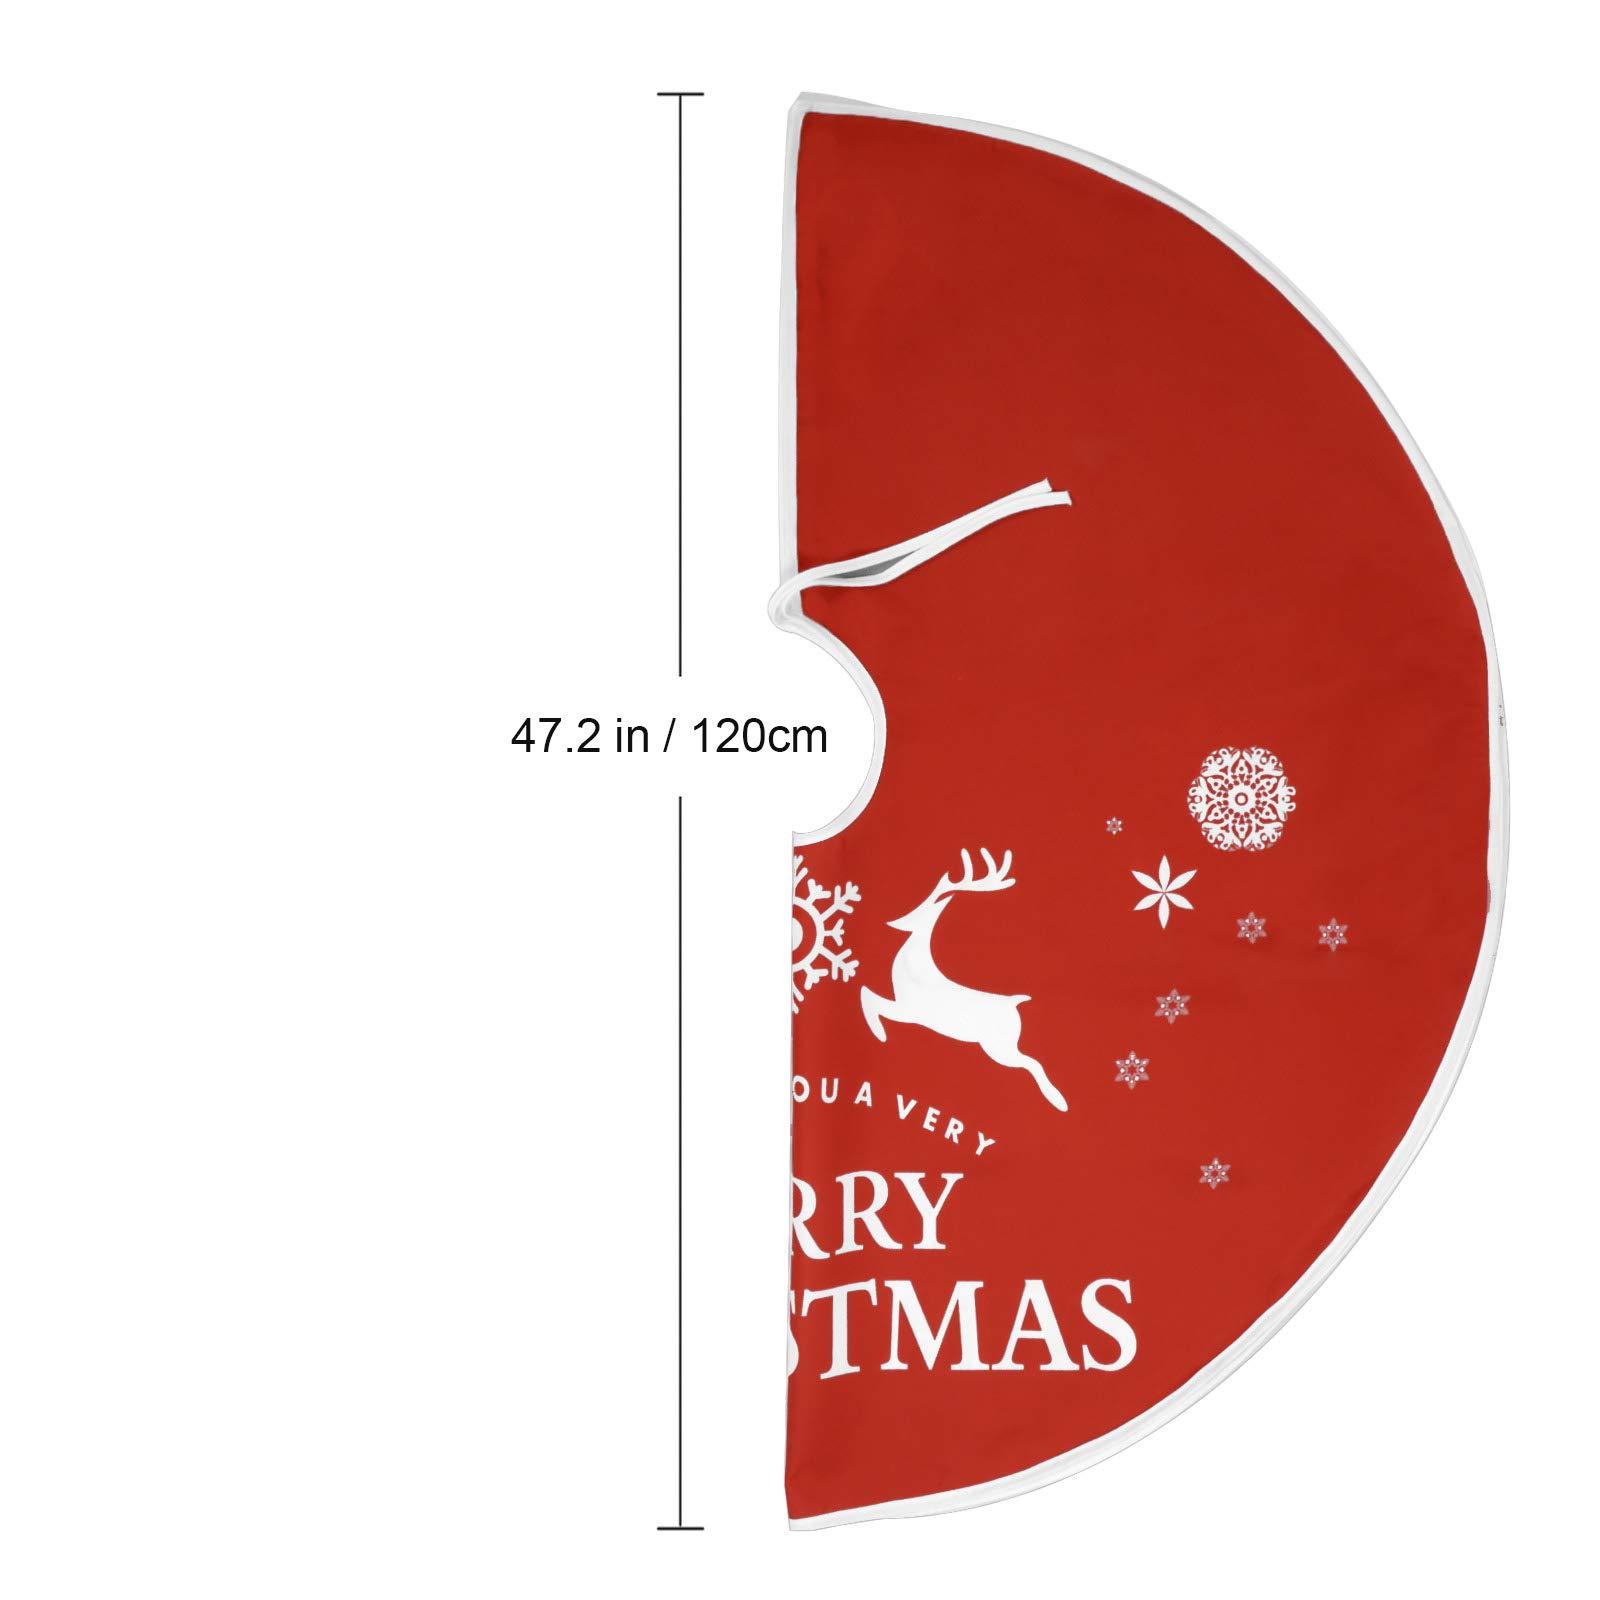 Voilamart Weihnachtsbaumdecke 120cm Weihnachtsbaum Rock Weihnachtsbaum Decke Deko,runde Baumdecke Tannenbaum Tannenbaum-Unterlage mit Weihnachtsmotiv - rot